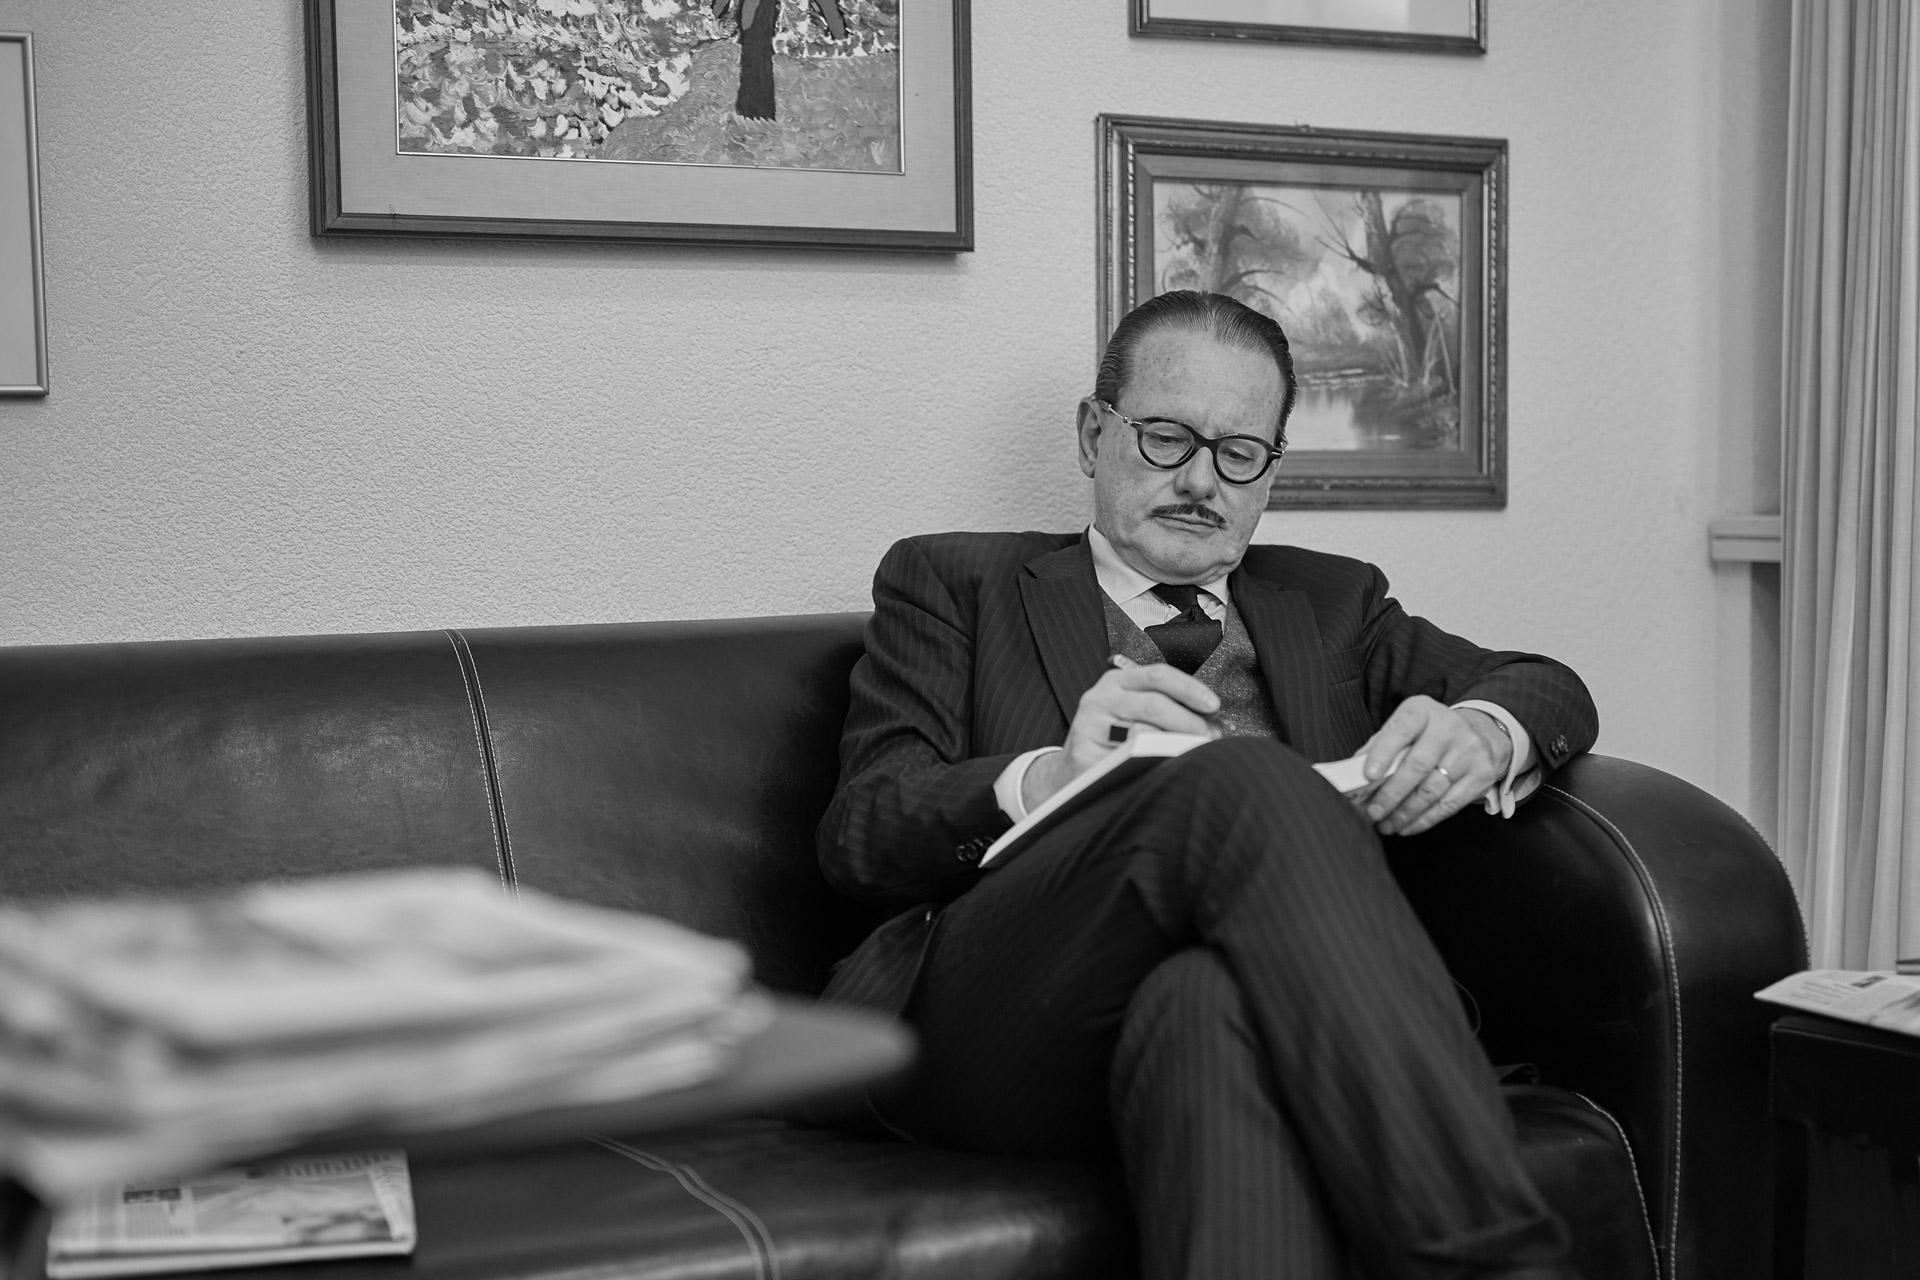 L'intervista del Corriere del Ticino al Dr. Med. Orlando Del Don